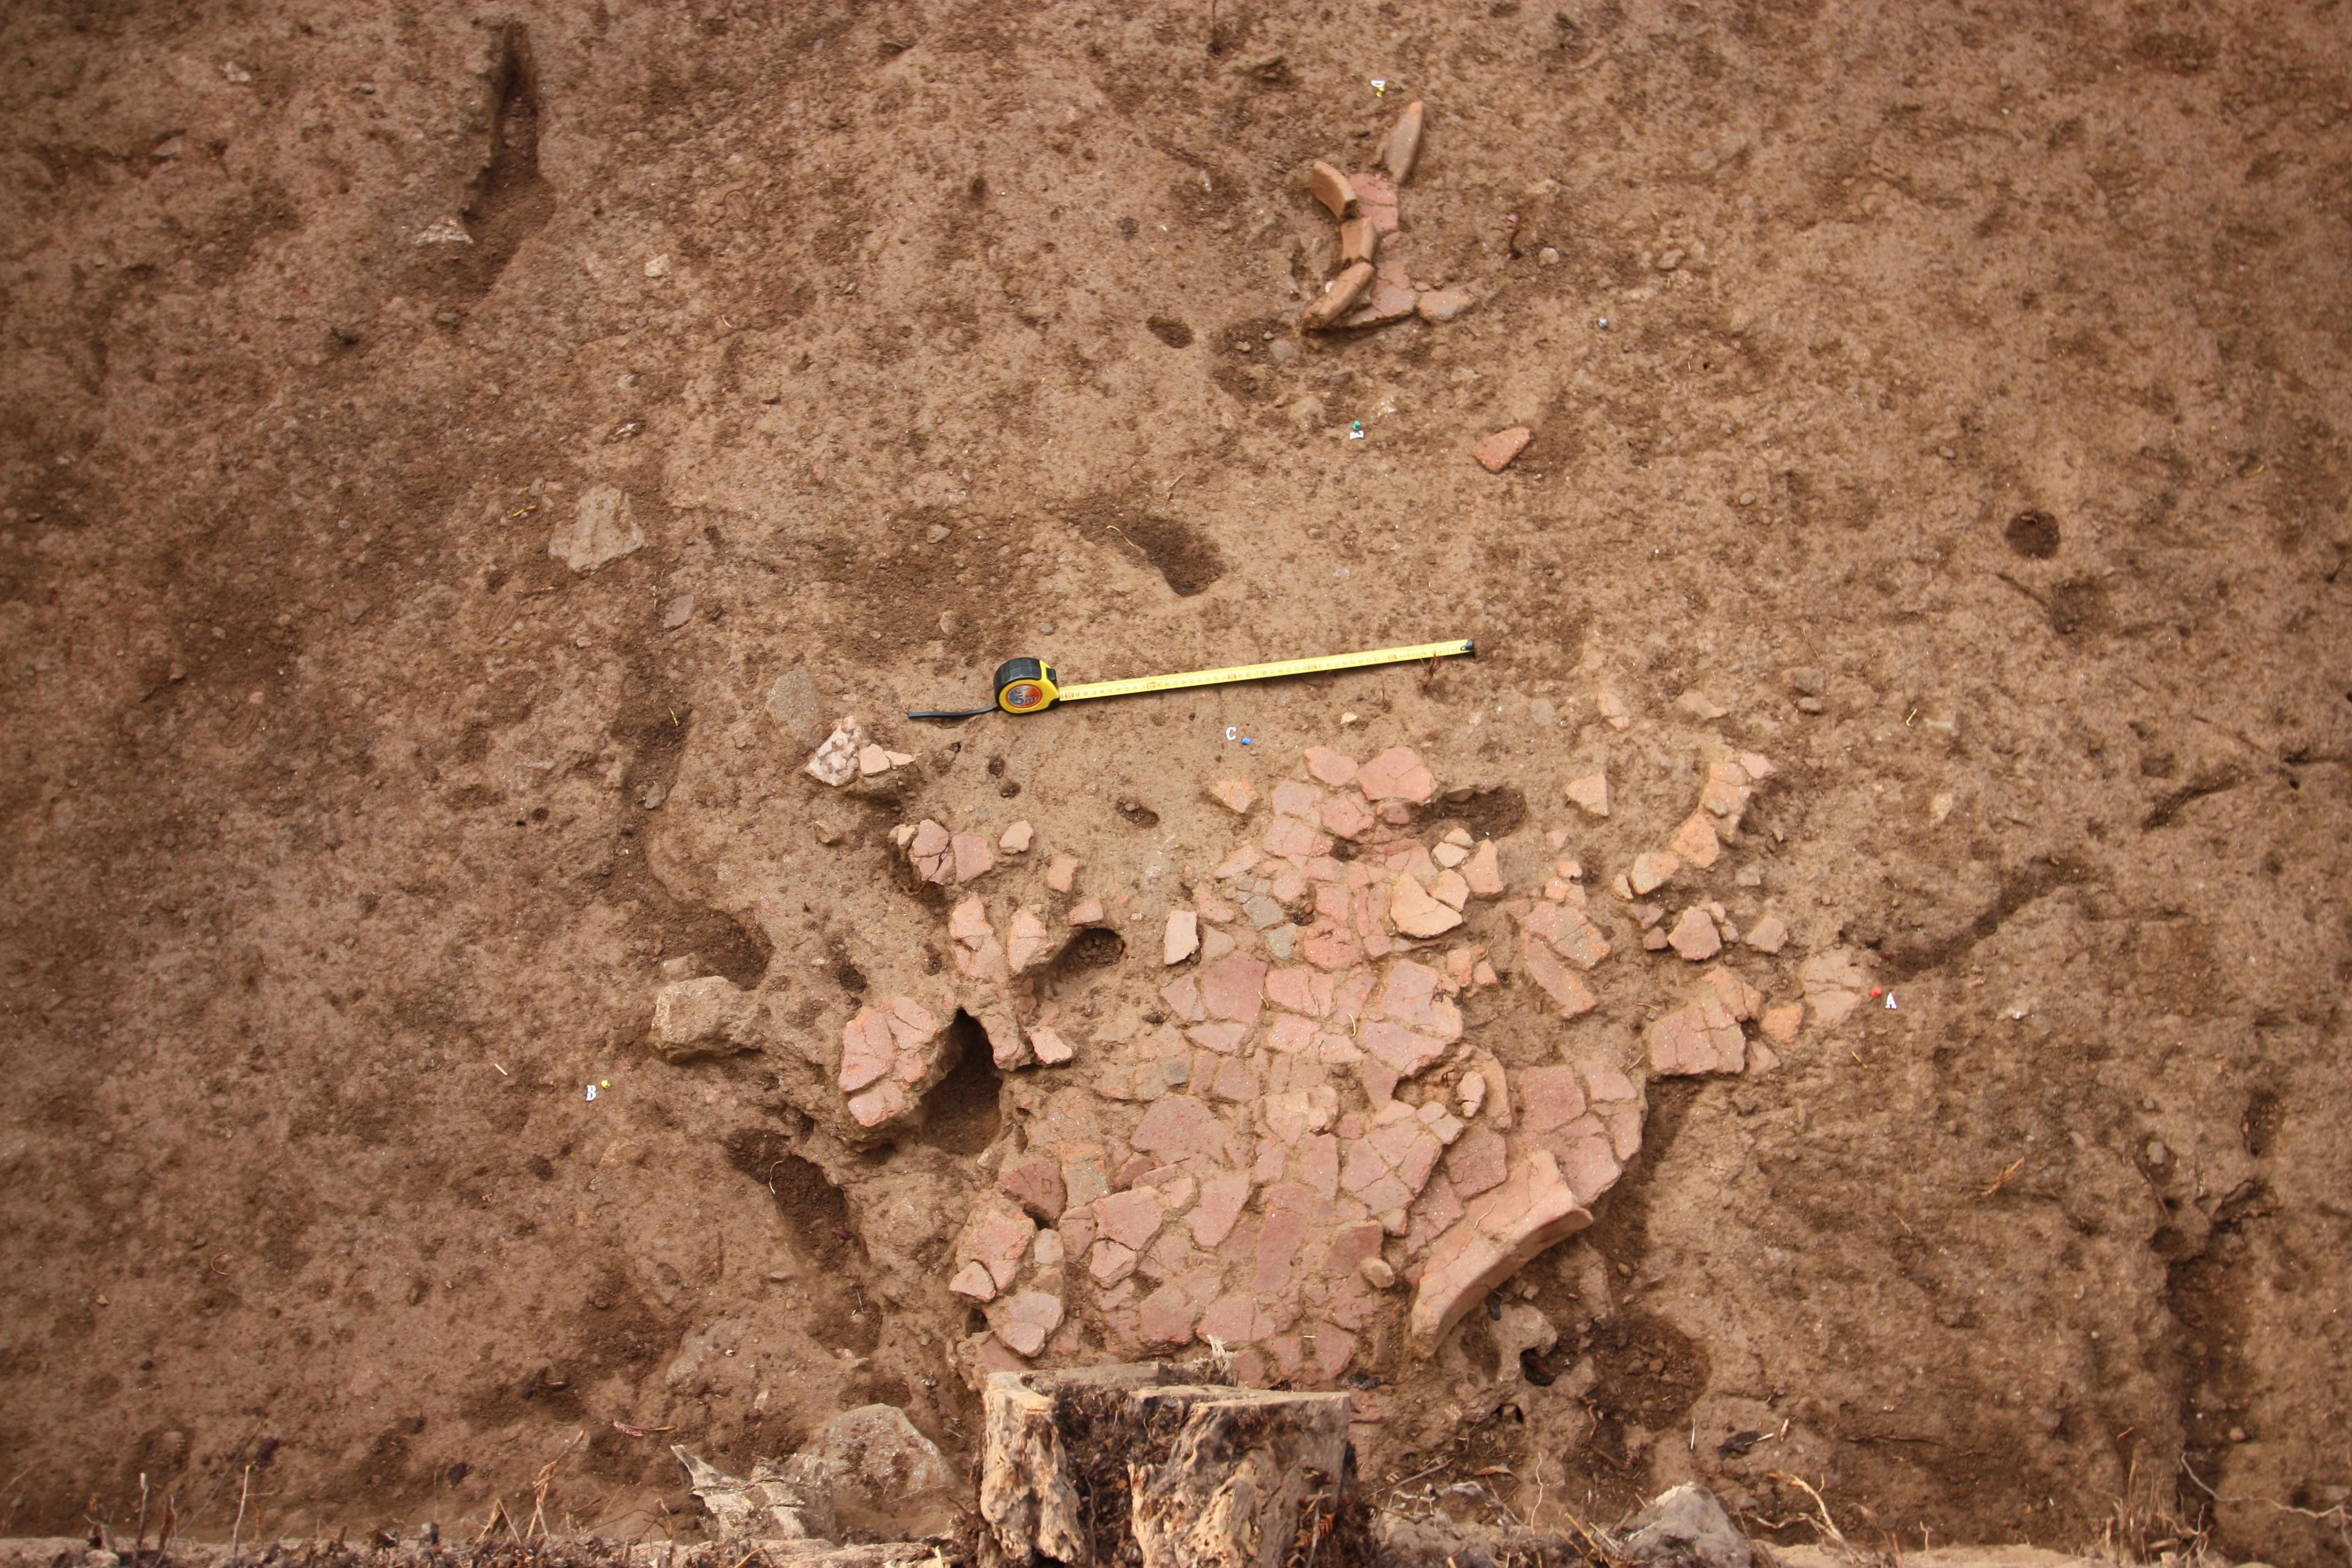 Fragmentos do recipiente de armazenamento e conexão identificados